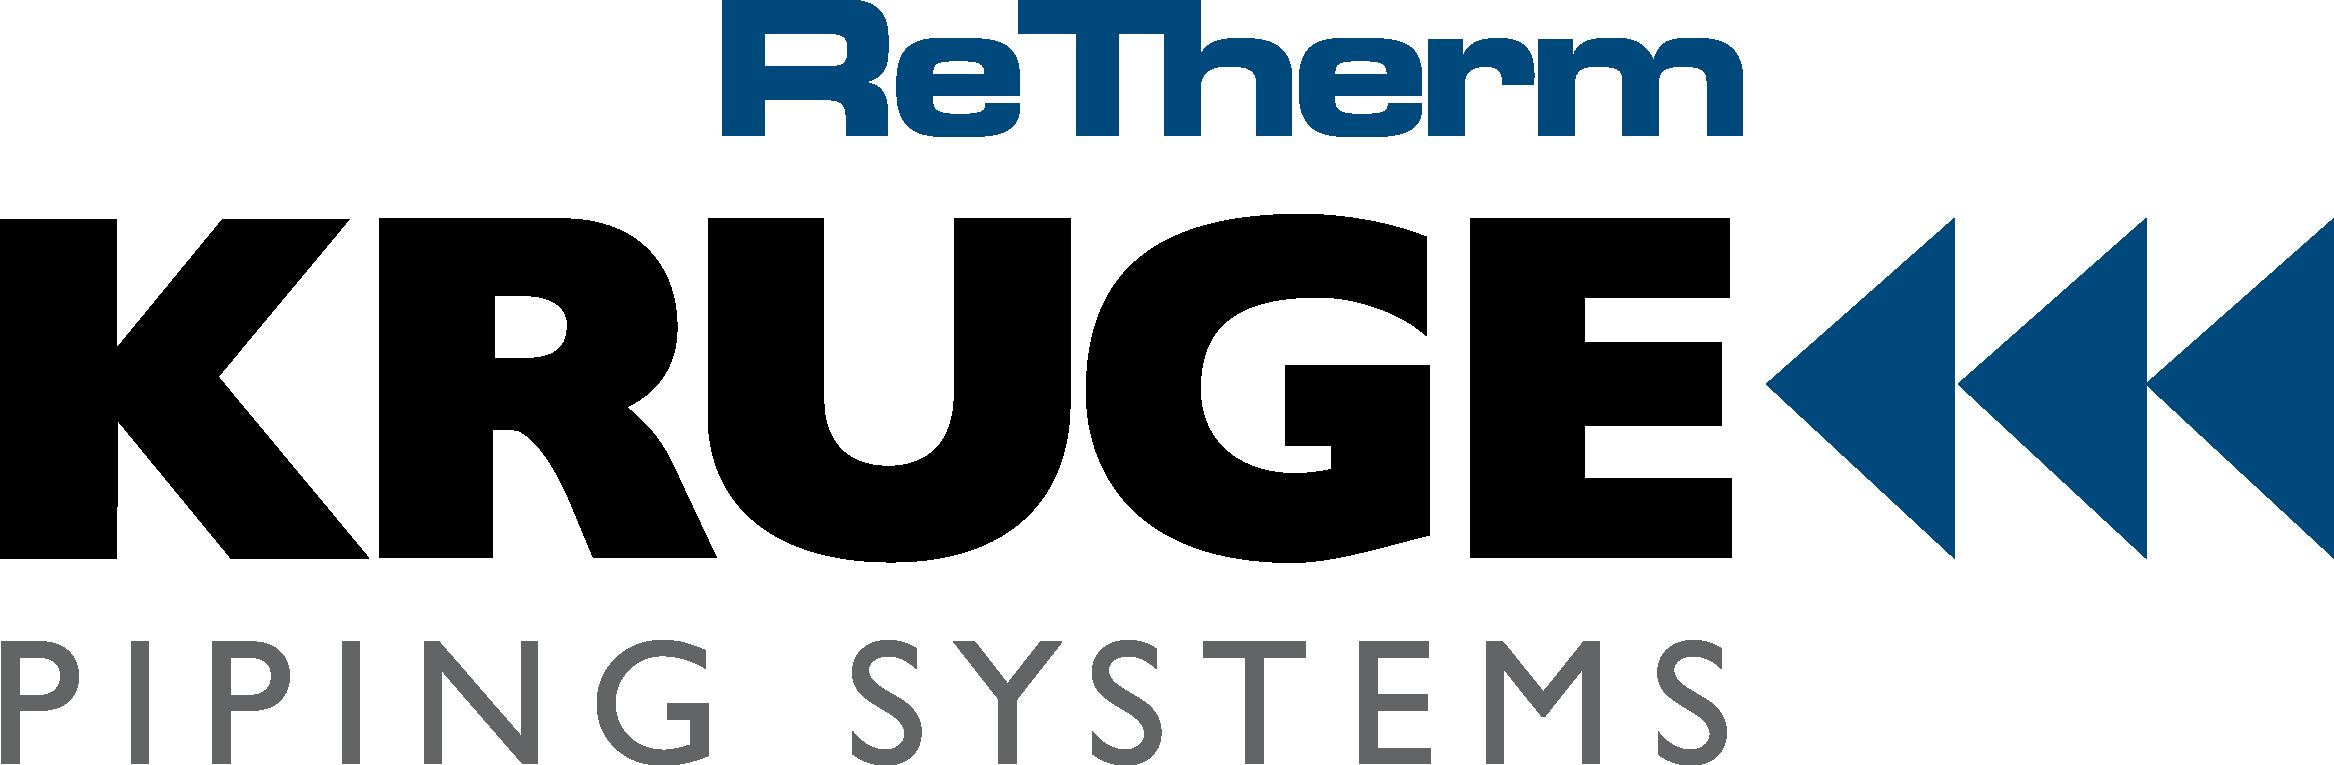 kruge logo